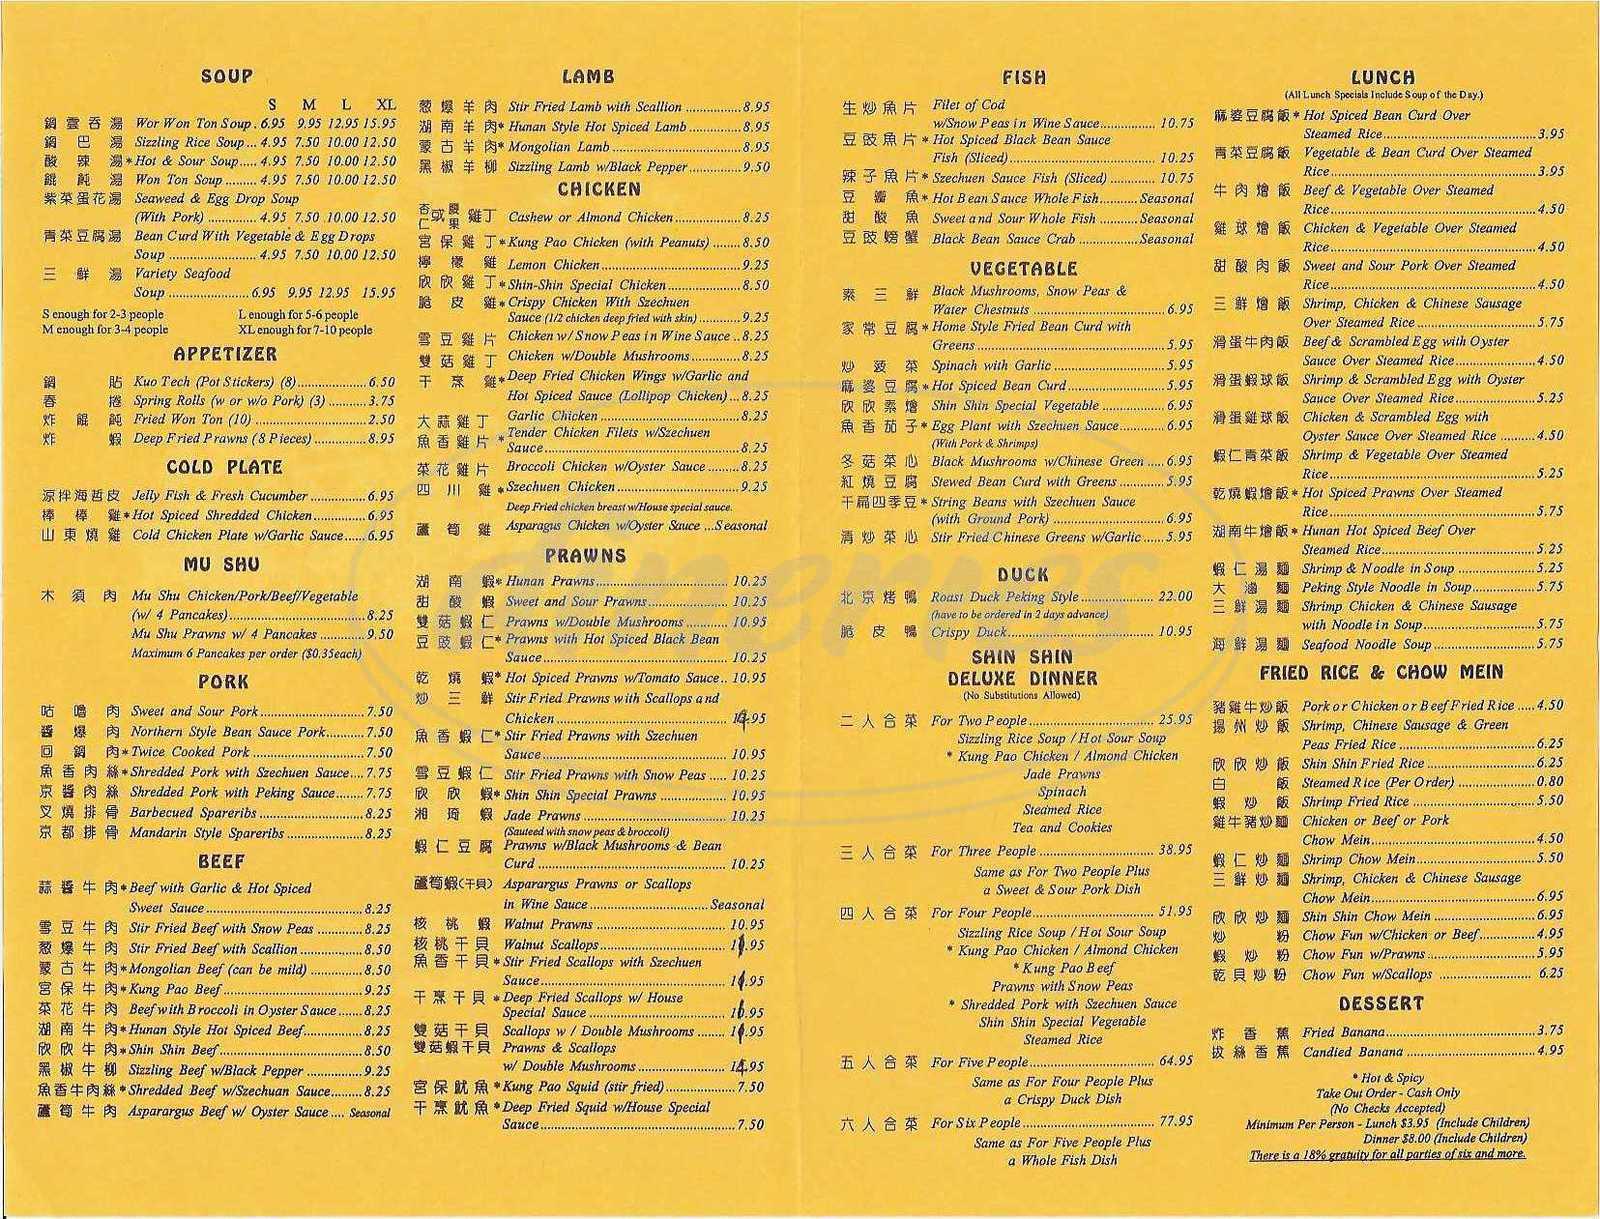 menu for Little Shin Shin